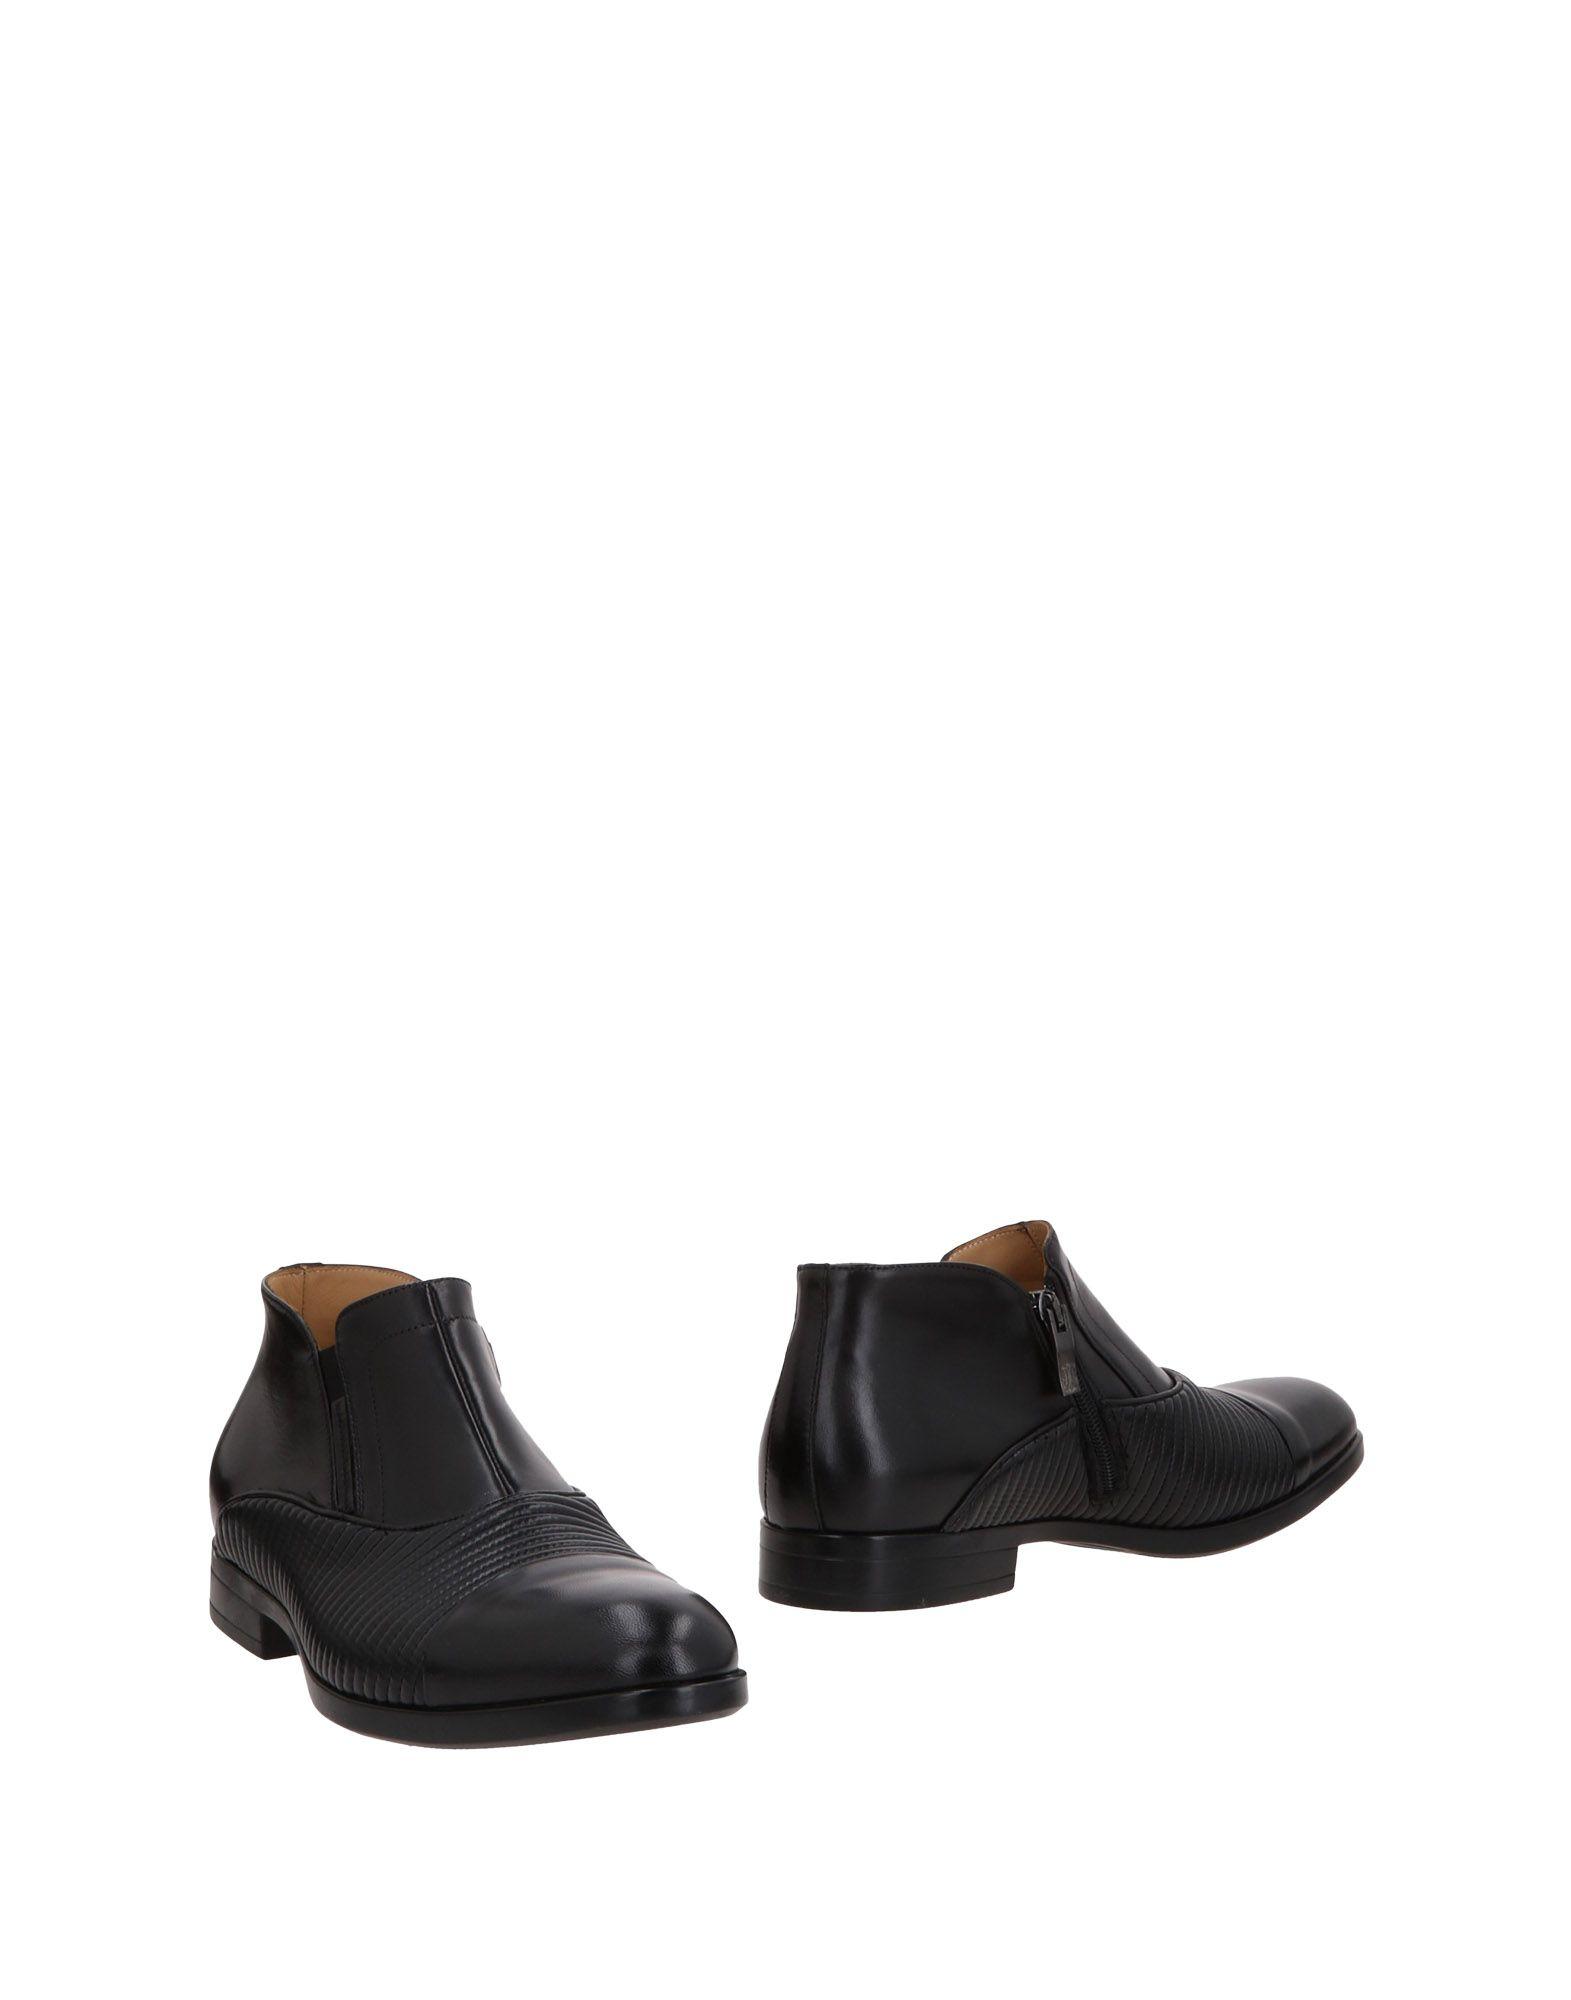 Giovanni Conti Stiefelette Herren  11471505JB Gute Qualität beliebte Schuhe